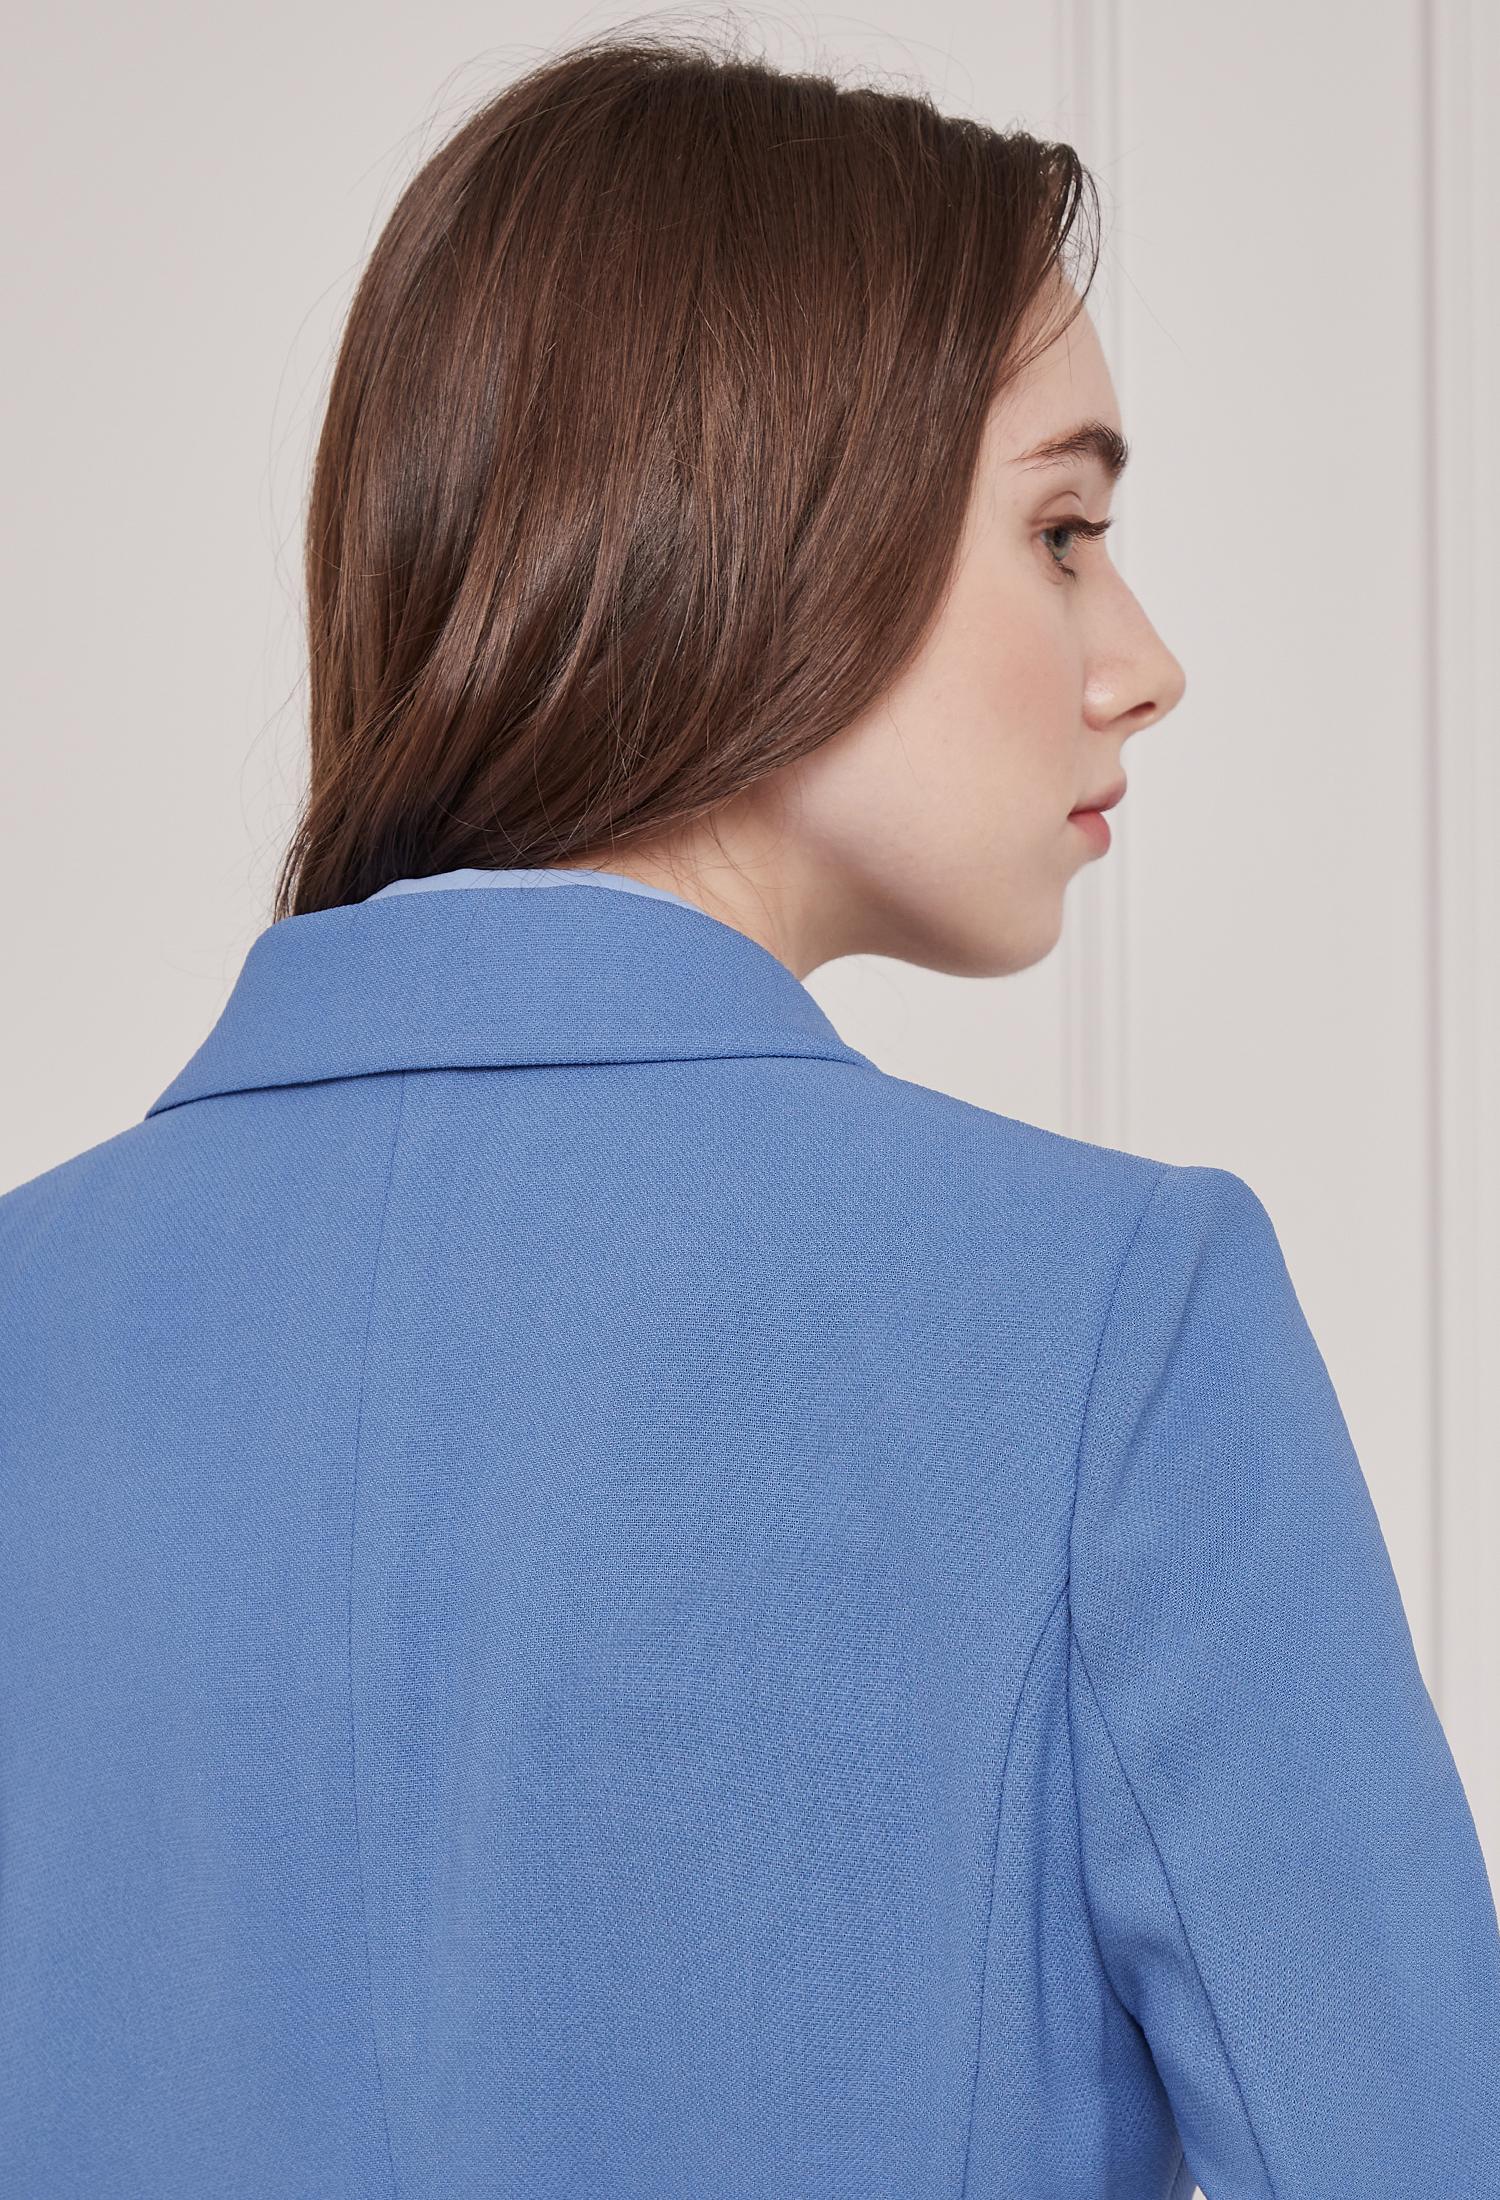 벨티드 베이직 싱글 재킷 (BLUE)